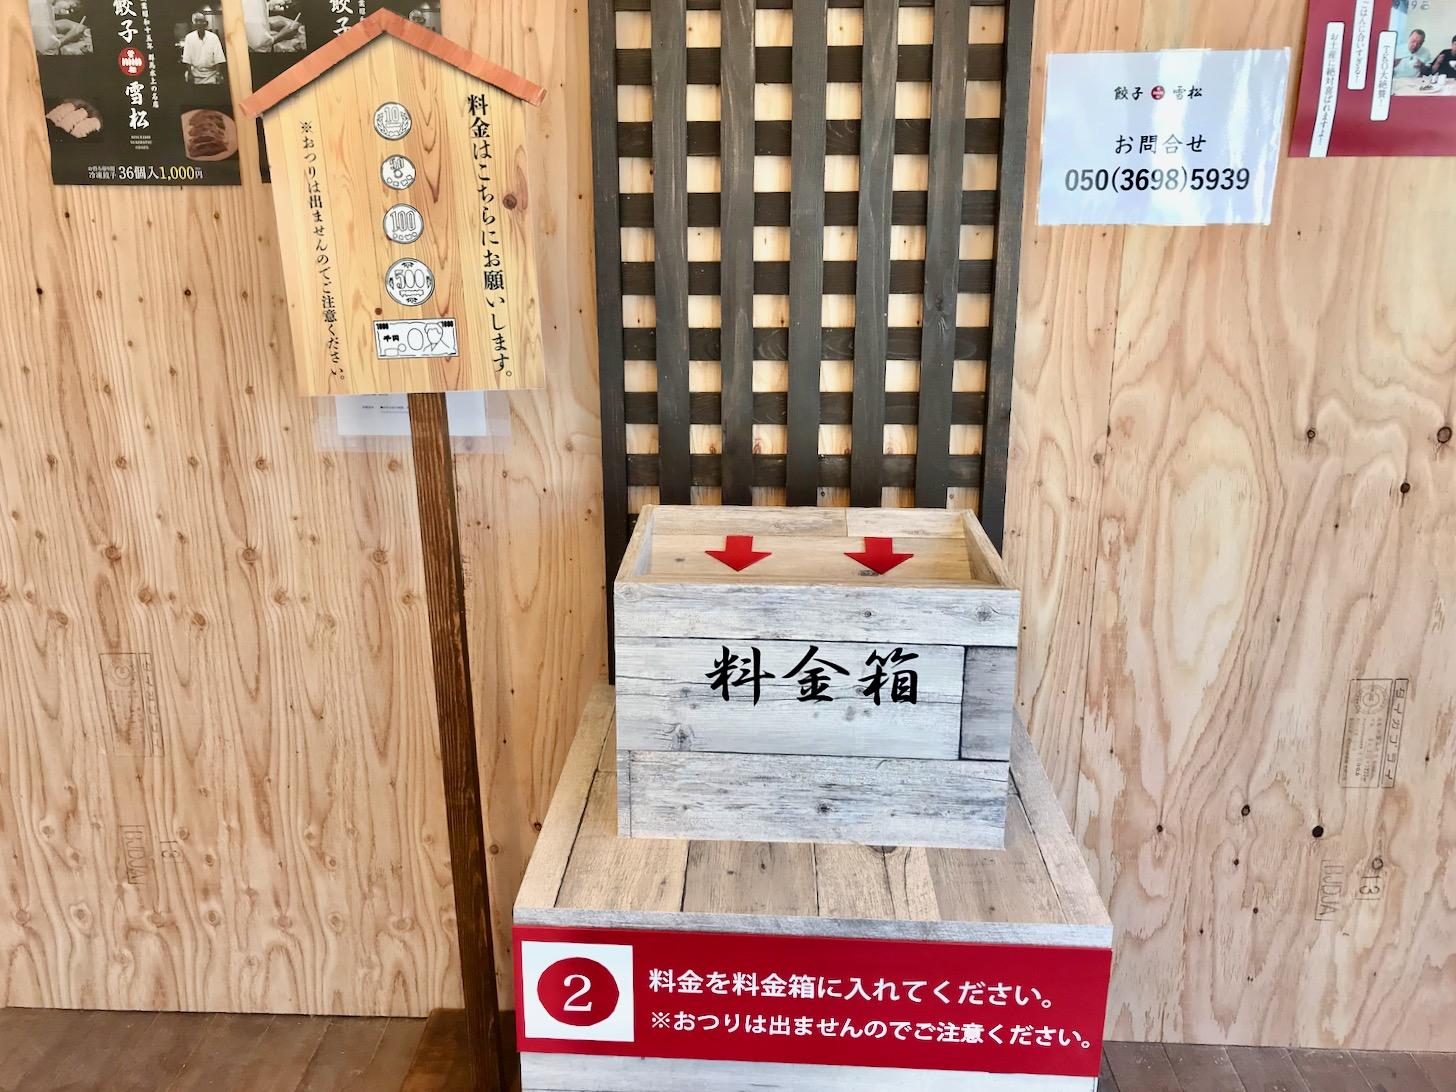 餃子の雪松 多摩センター店 料金箱